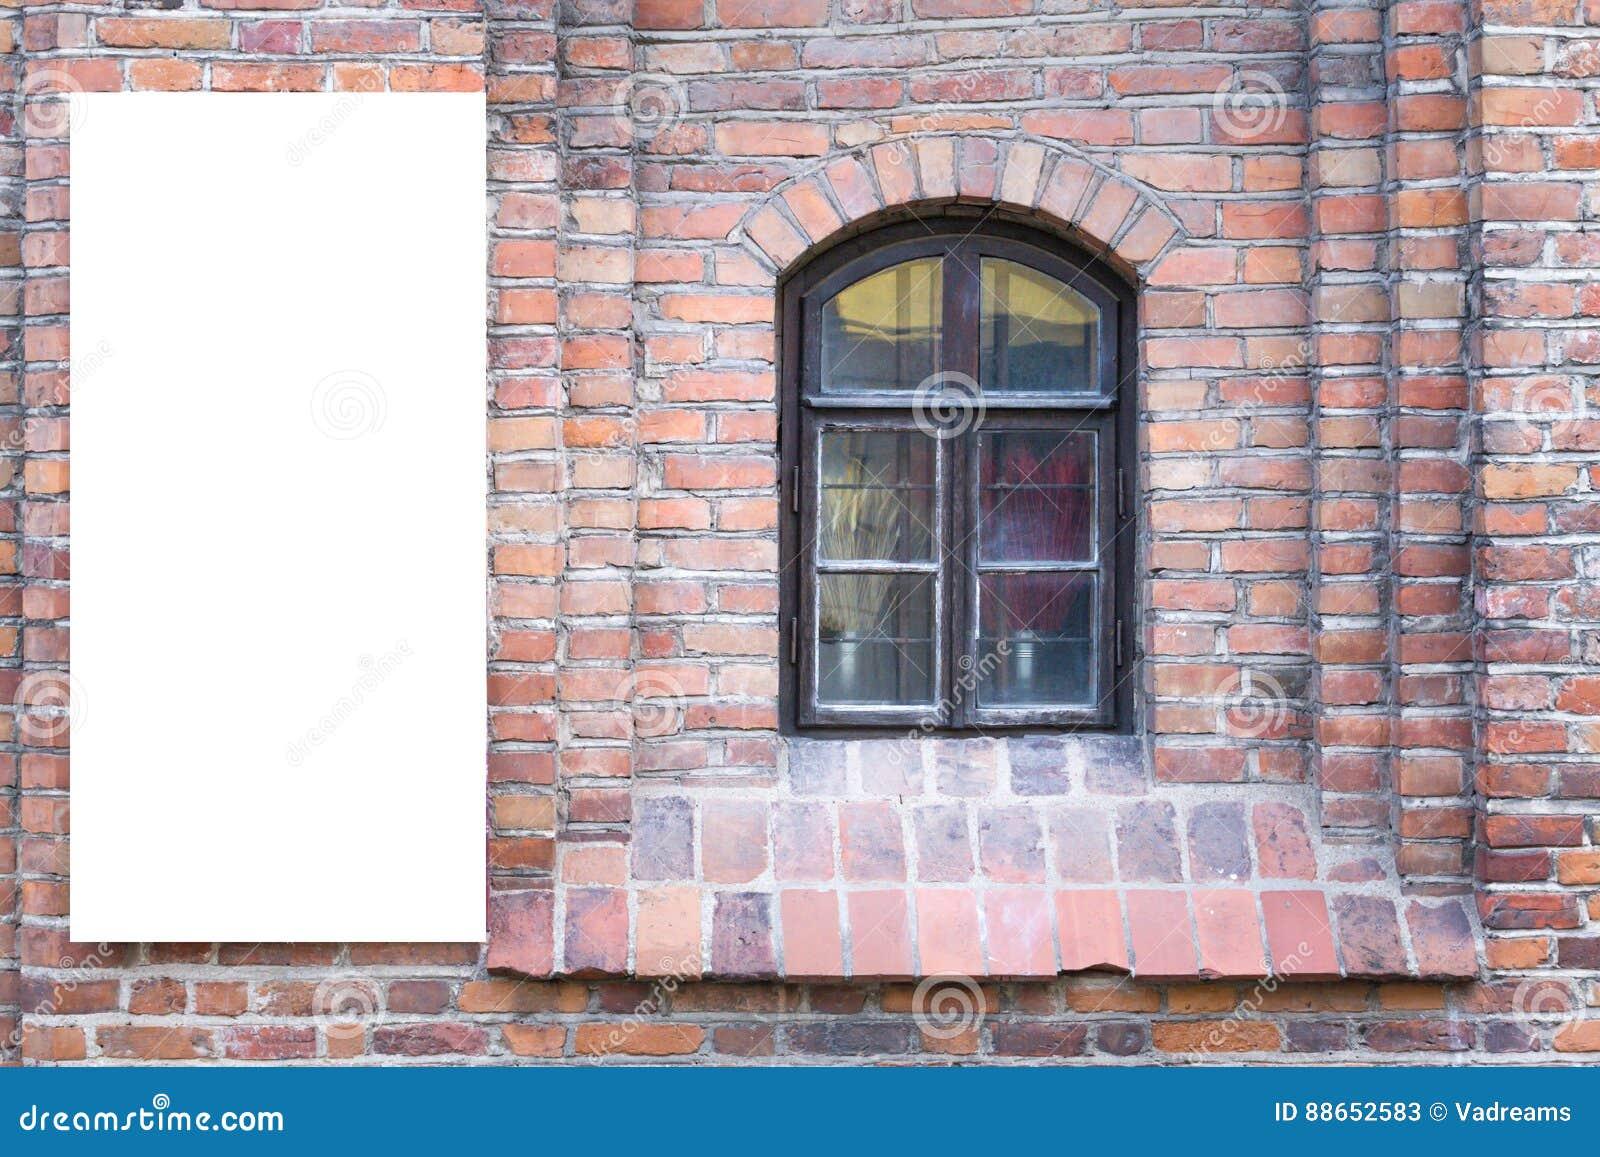 Χλεύη επάνω Κενός πίνακας διαφημίσεων υπαίθρια, υπαίθρια διαφήμιση, πίνακας δημόσια πληροφορίας στον παλαιό τούβλινο τοίχο